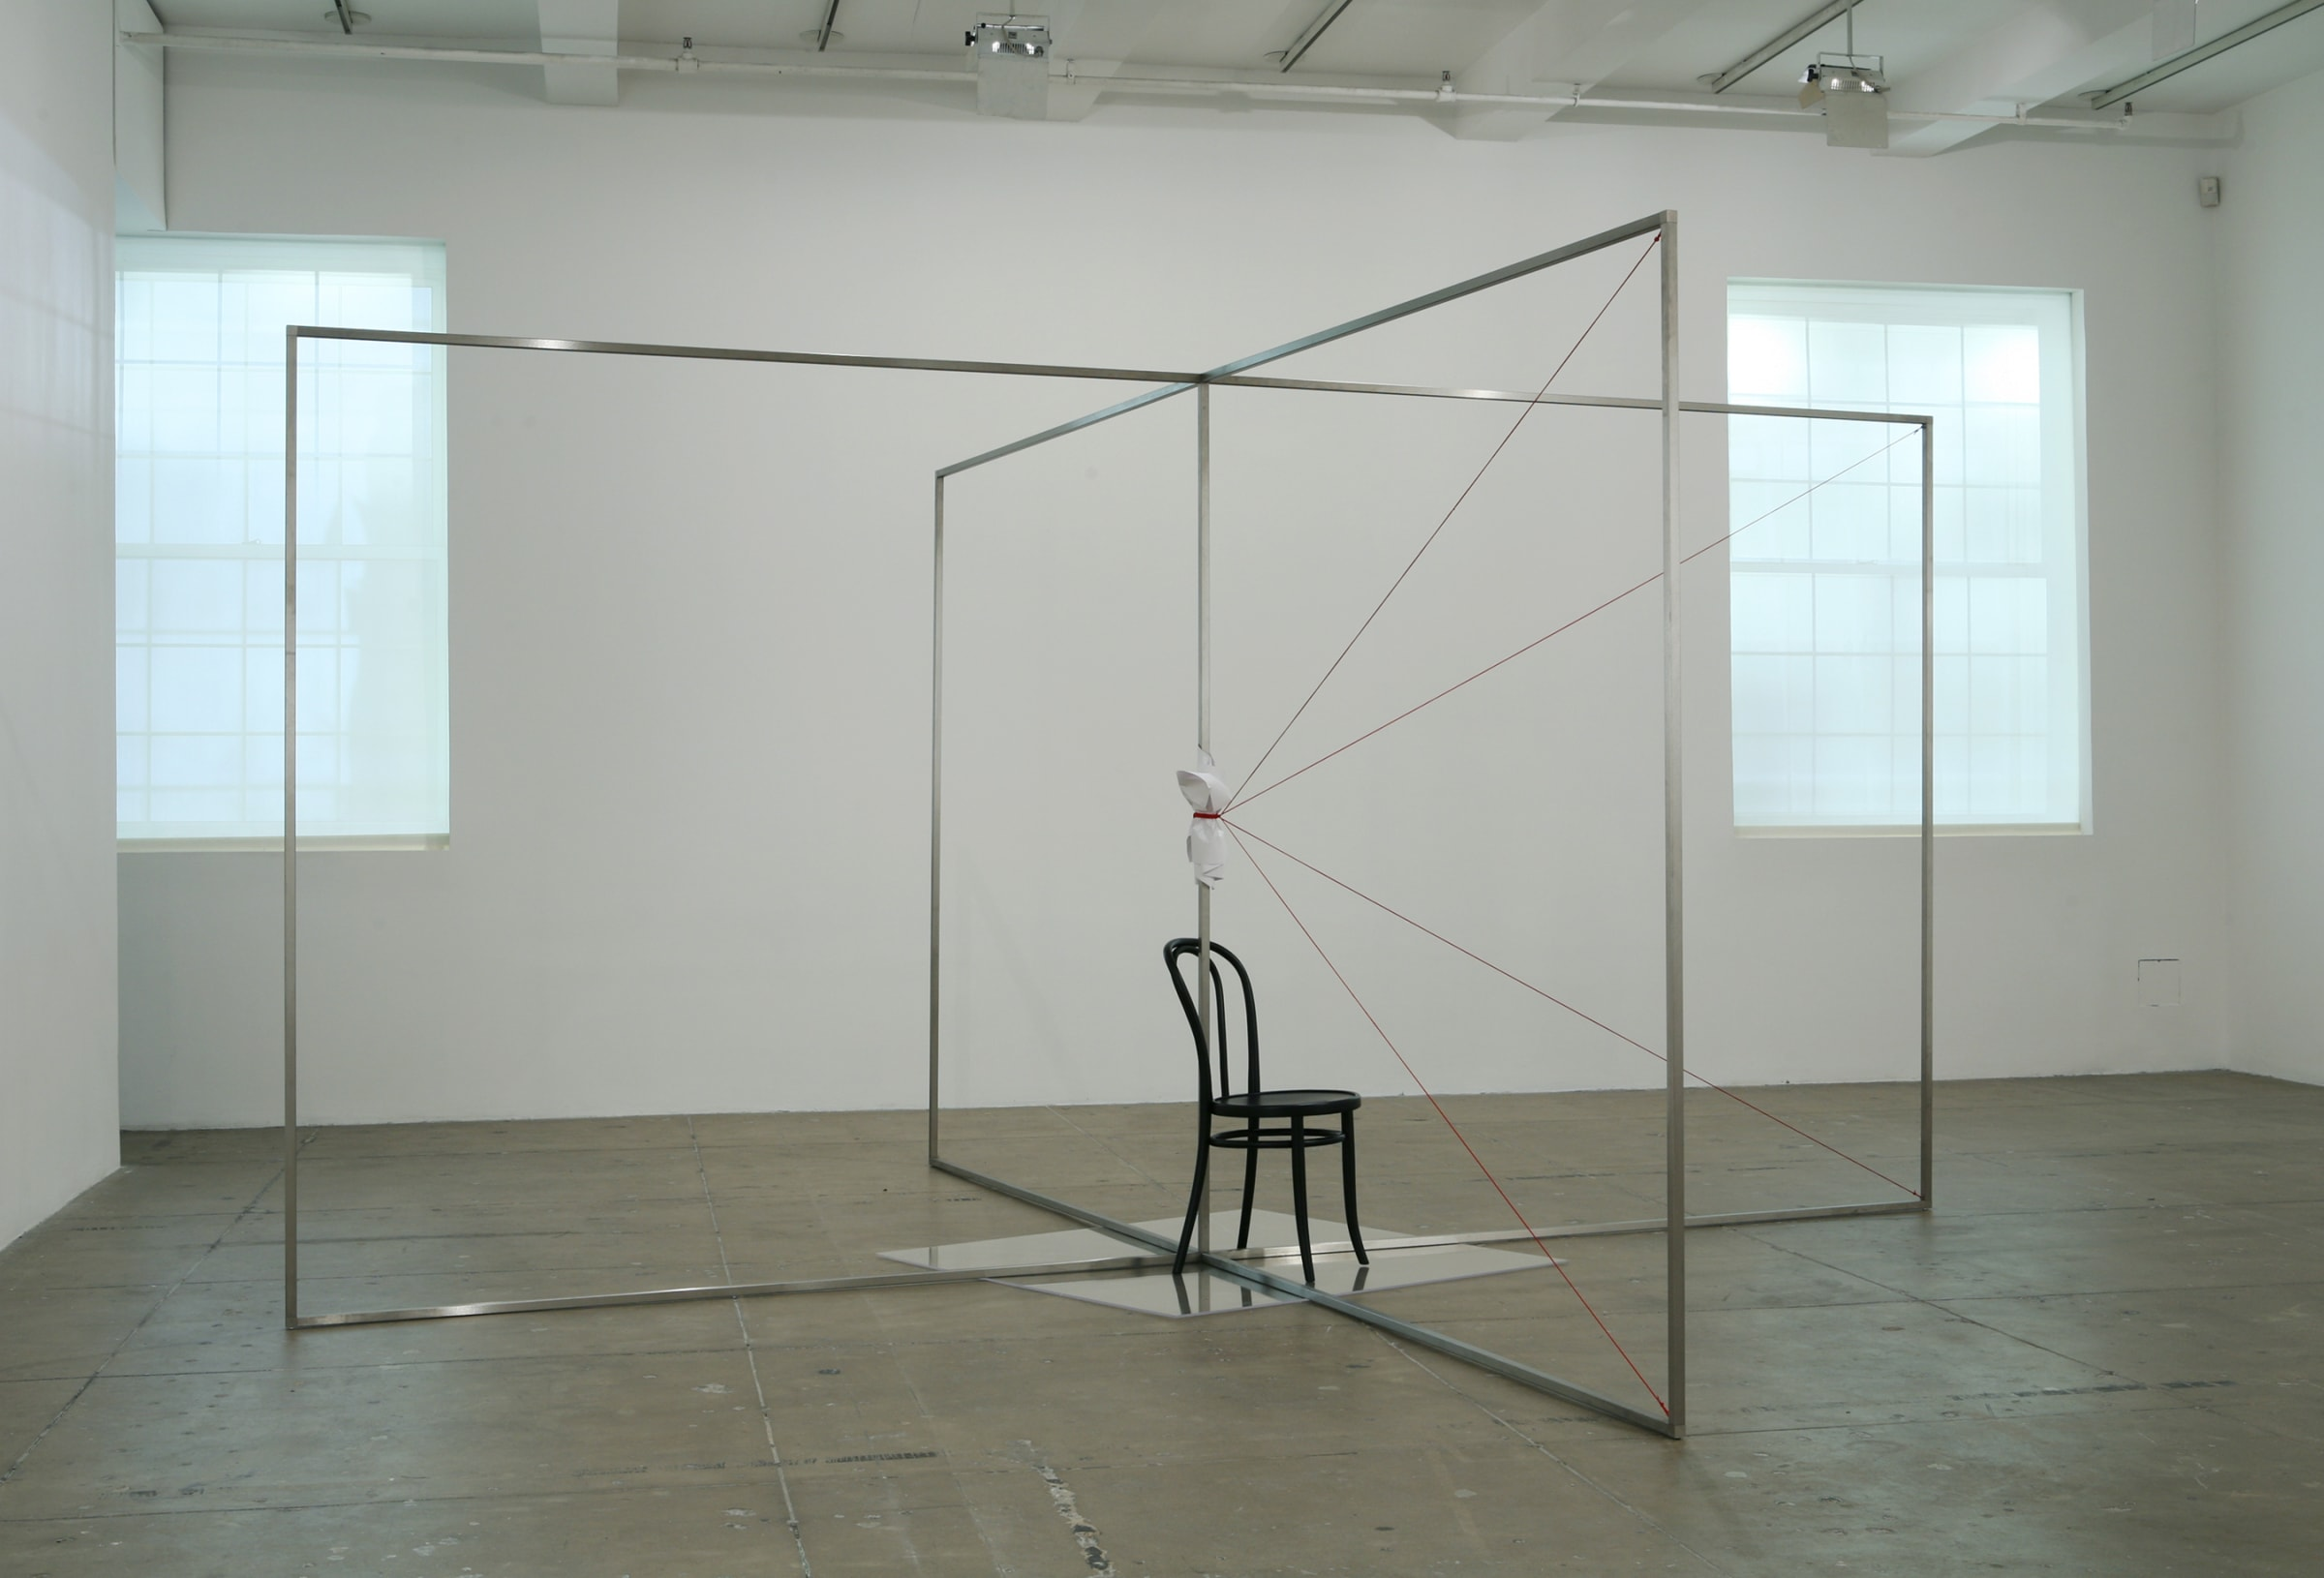 Giulio Paolini, Il bello ideale (The Ideal Beauty), 2005